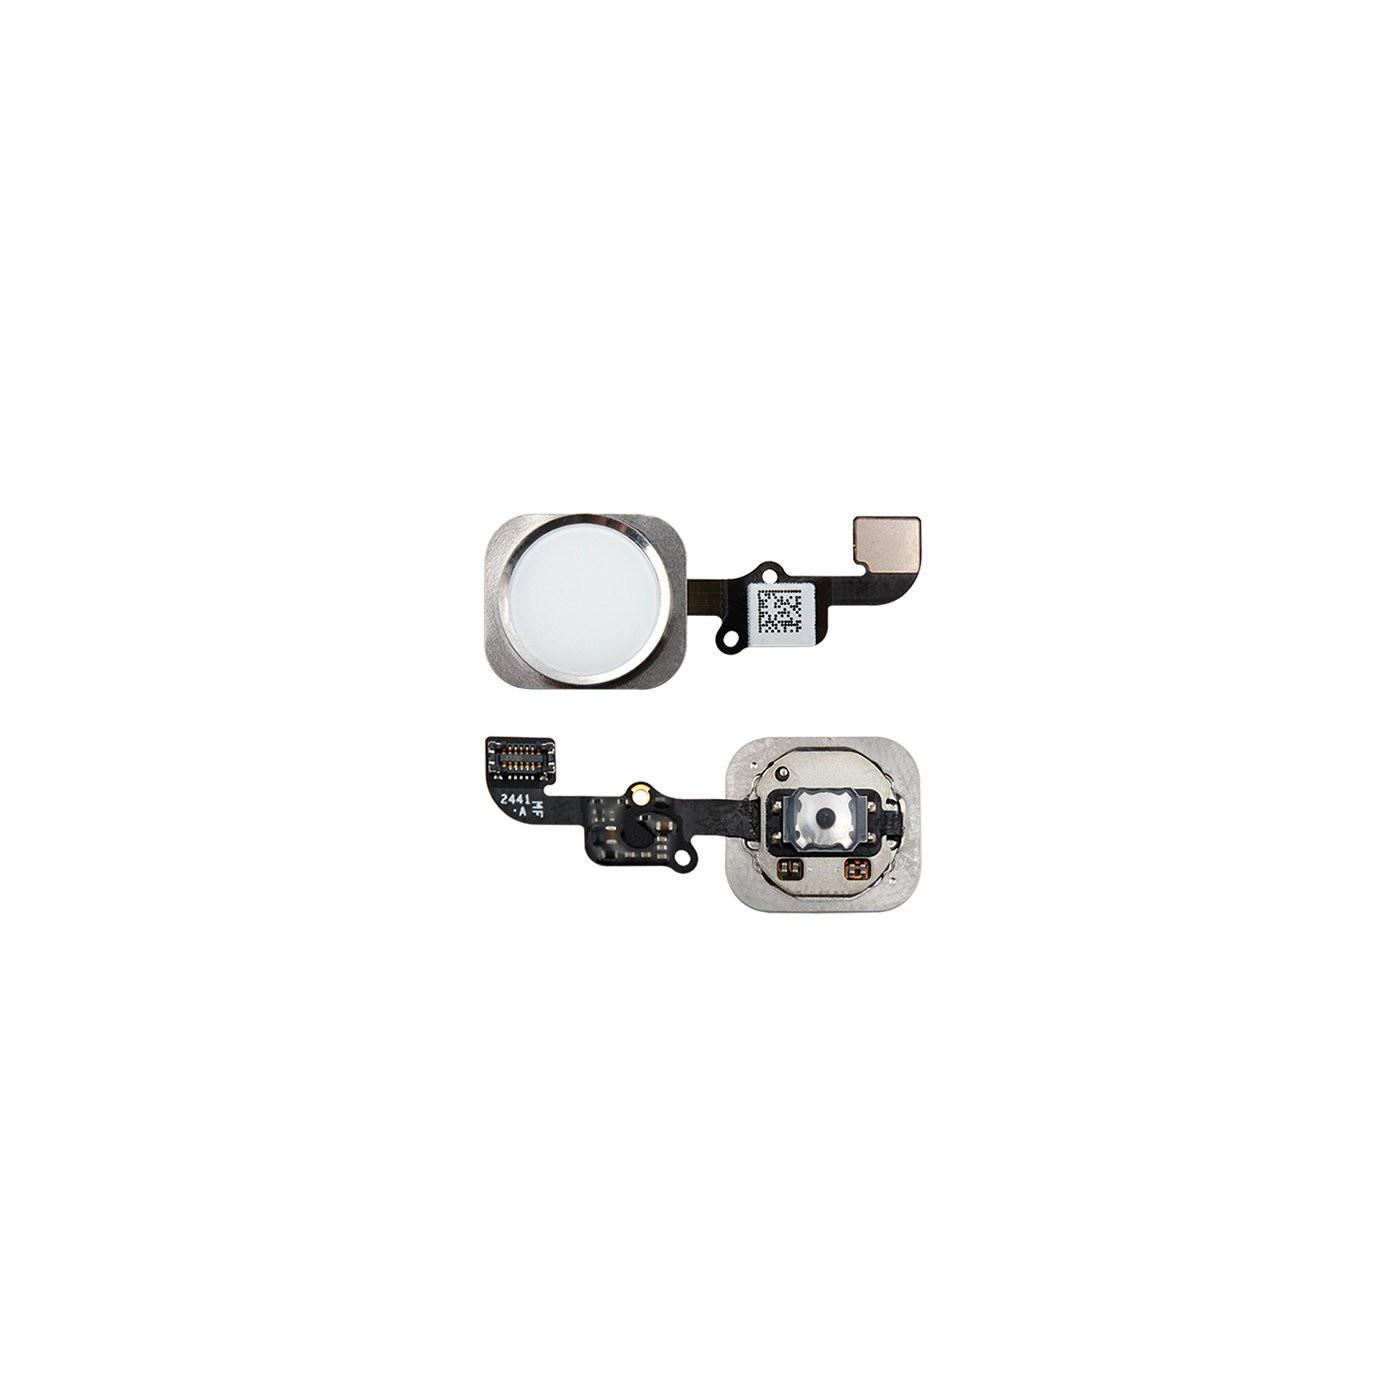 Botón de inicio para iPhone 6 - 6 Plus plateado ensamblado sin huella digital